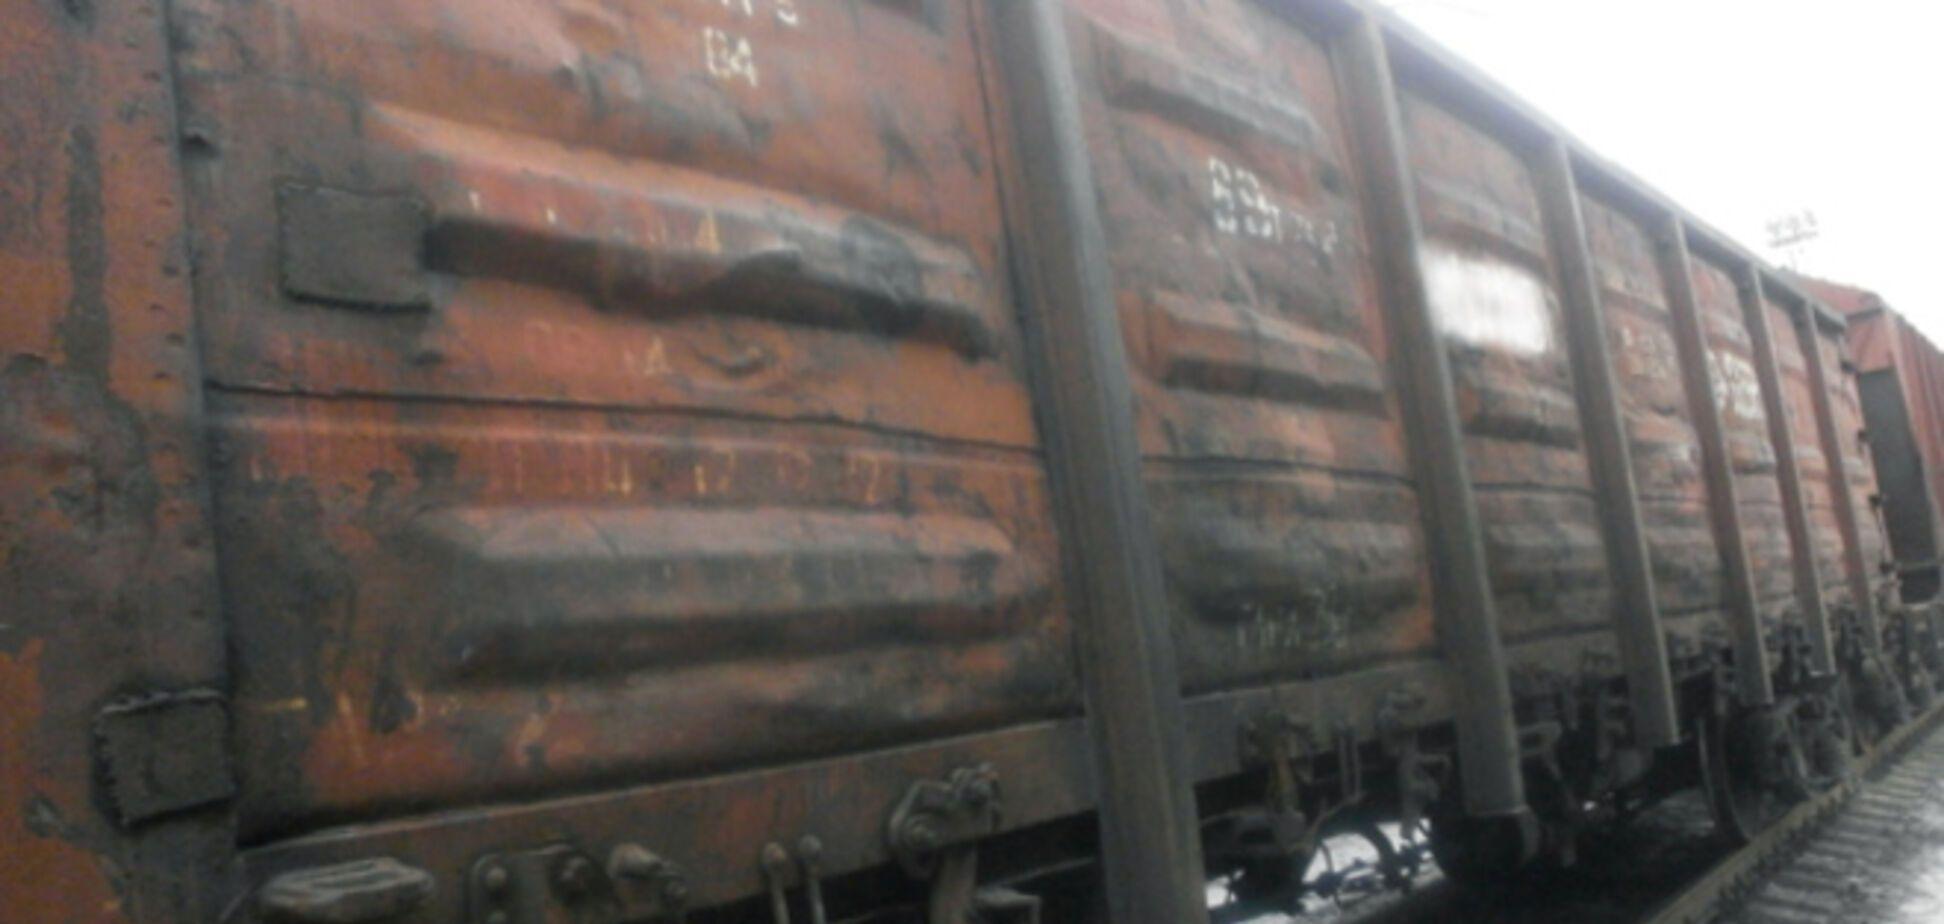 Милиция задержала 37 вагонов 'экспортного' угля из оккупированного Тореза